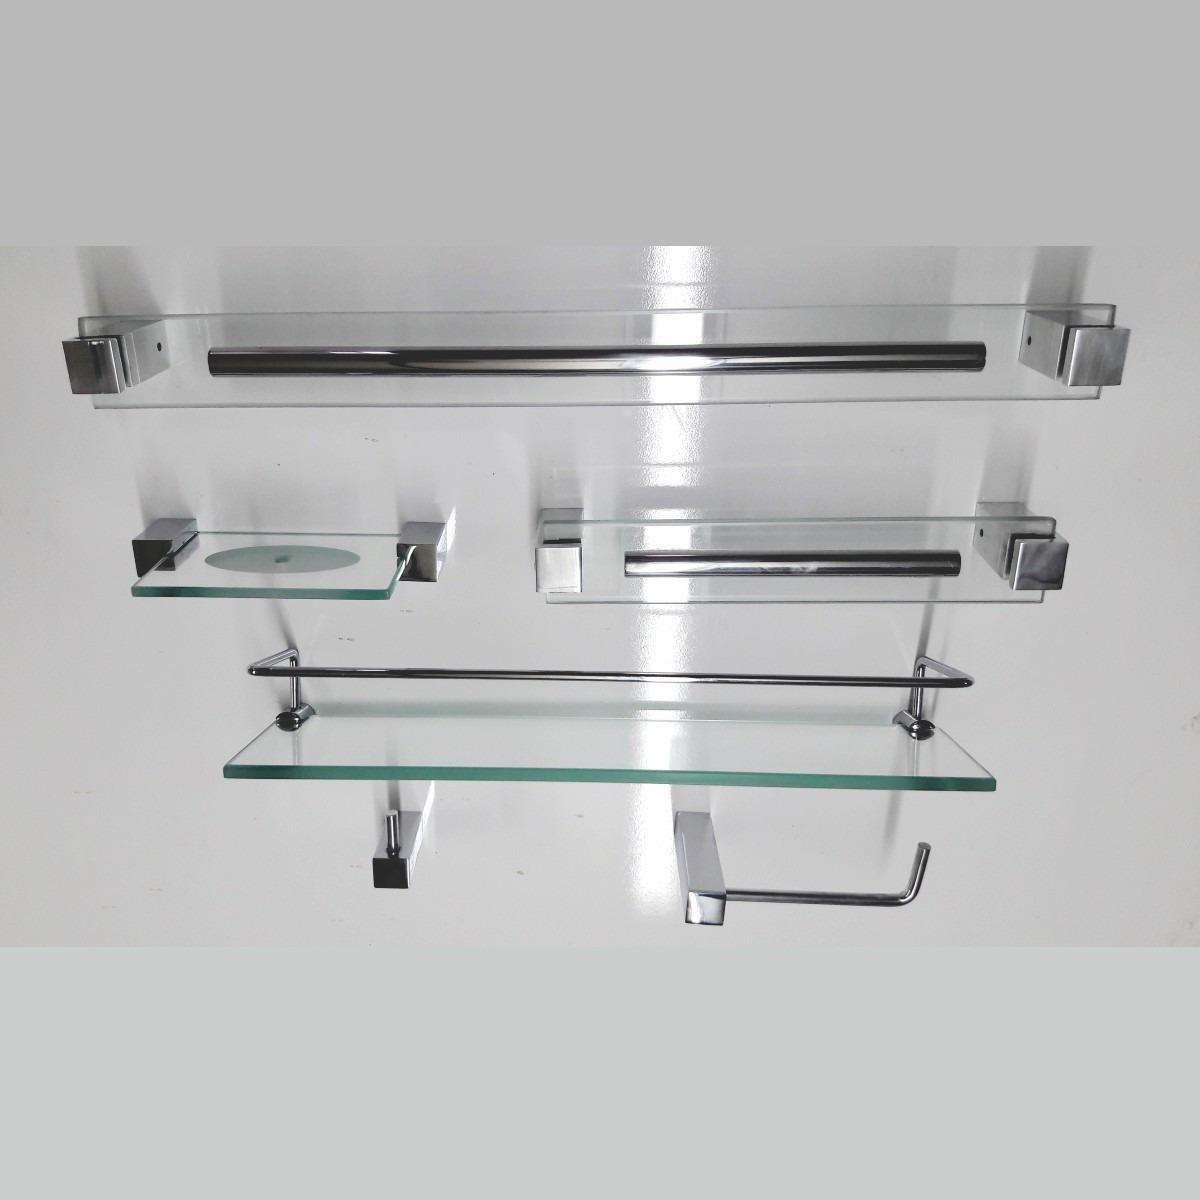 Kits De Acessorios Para Banheiro 6 Peças Exclusive R$ 229 90 em  #335A51 1200 1200